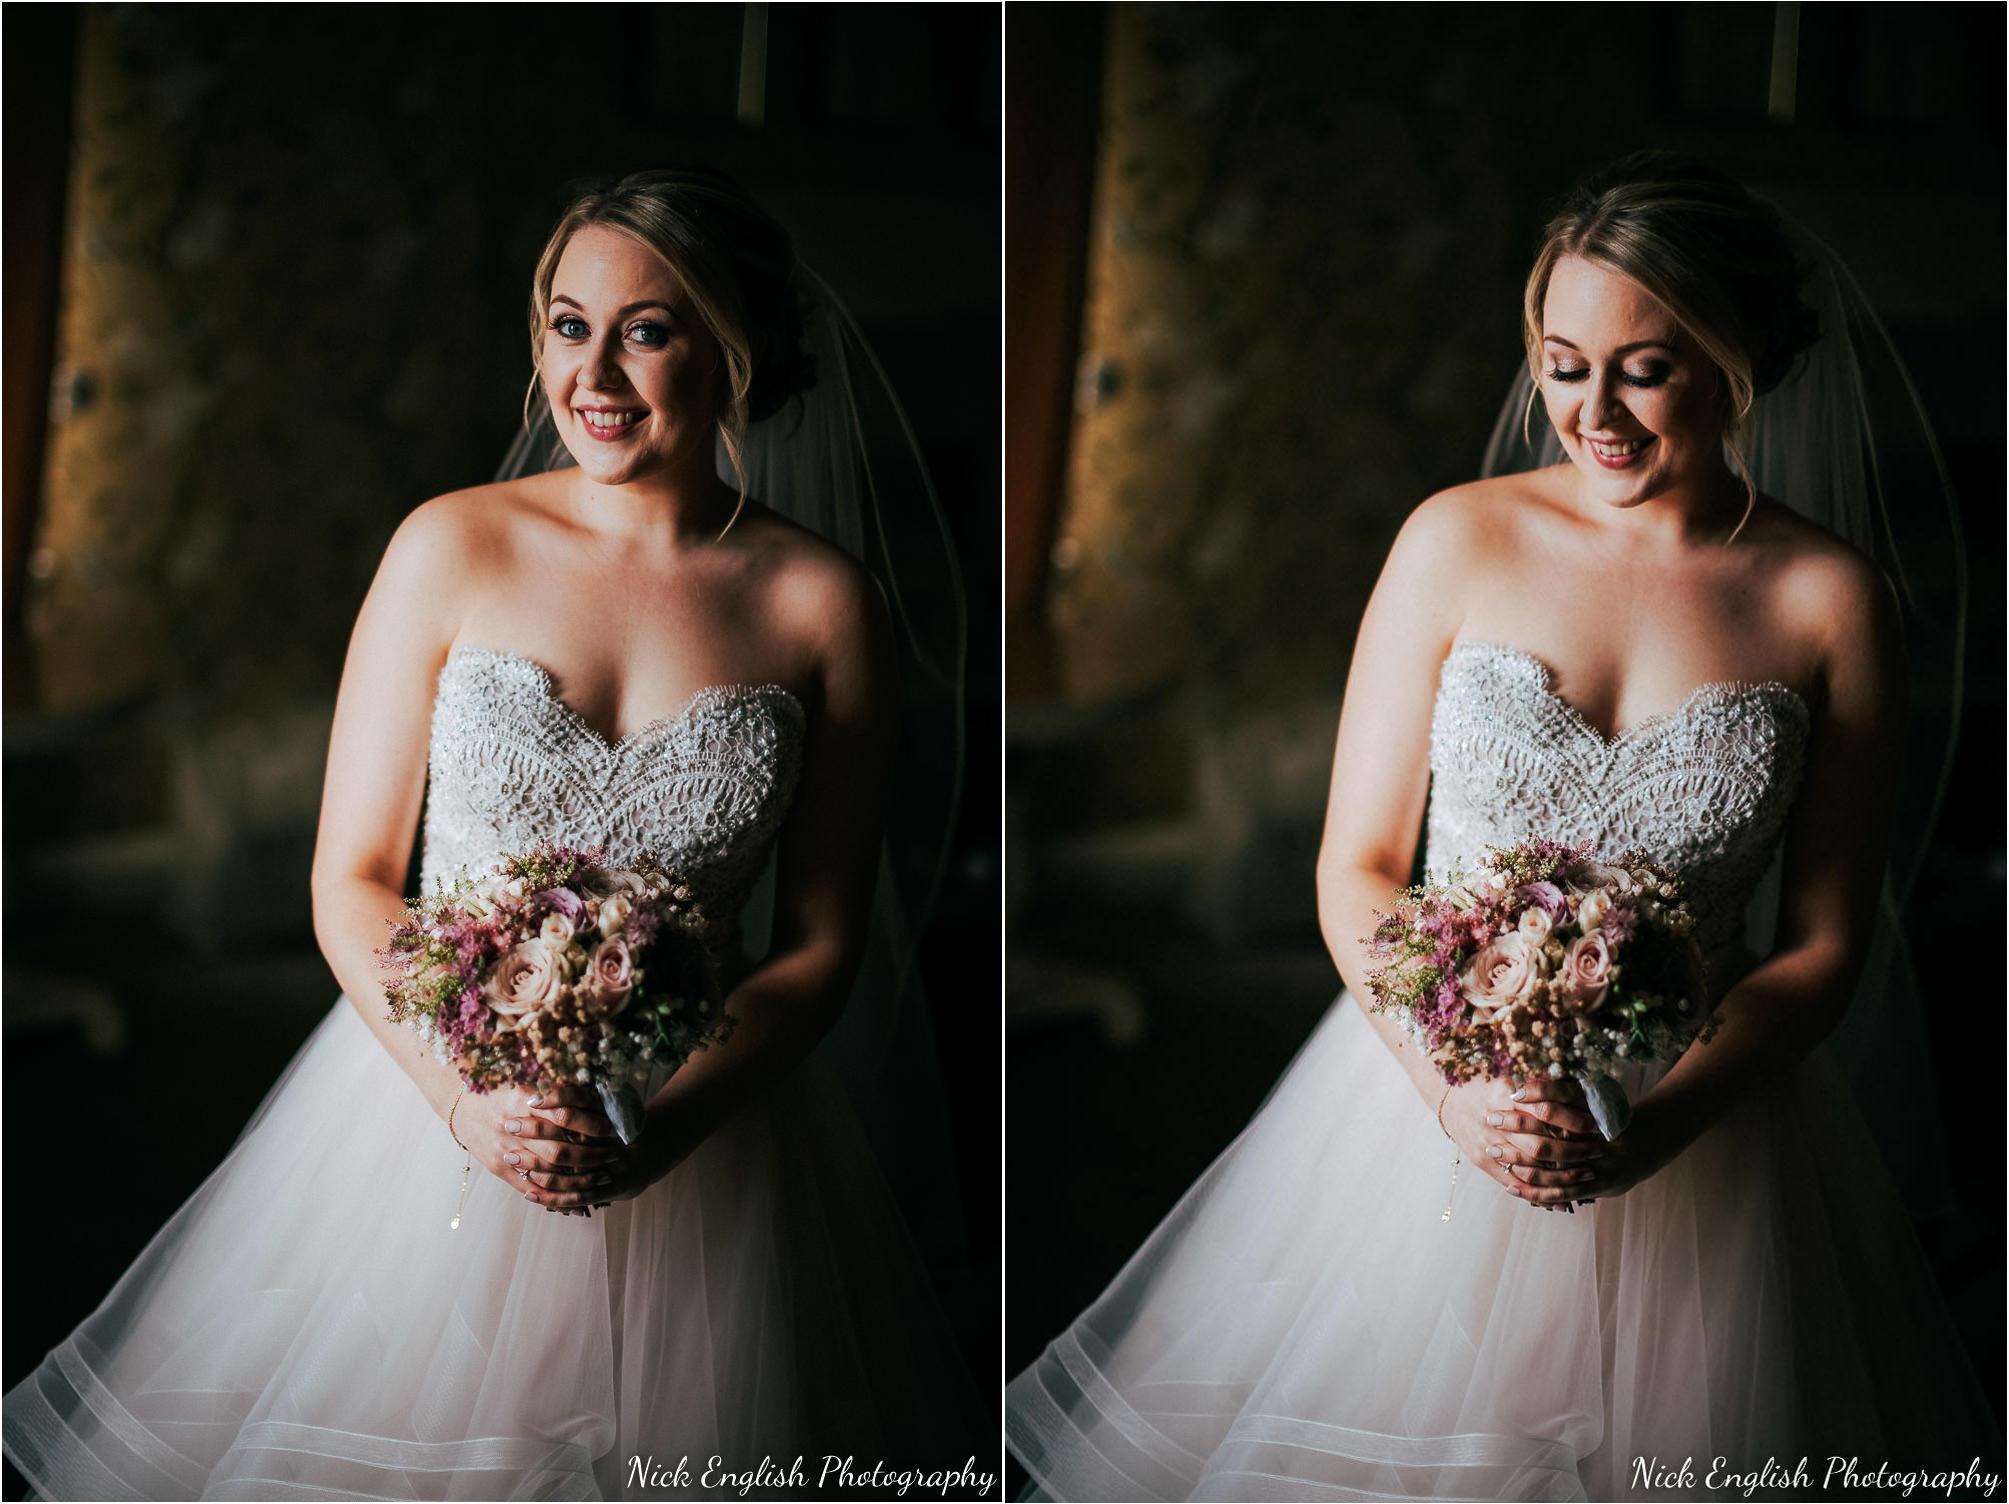 Eaves_Hall_Wedding_Photographer-26a.jpg